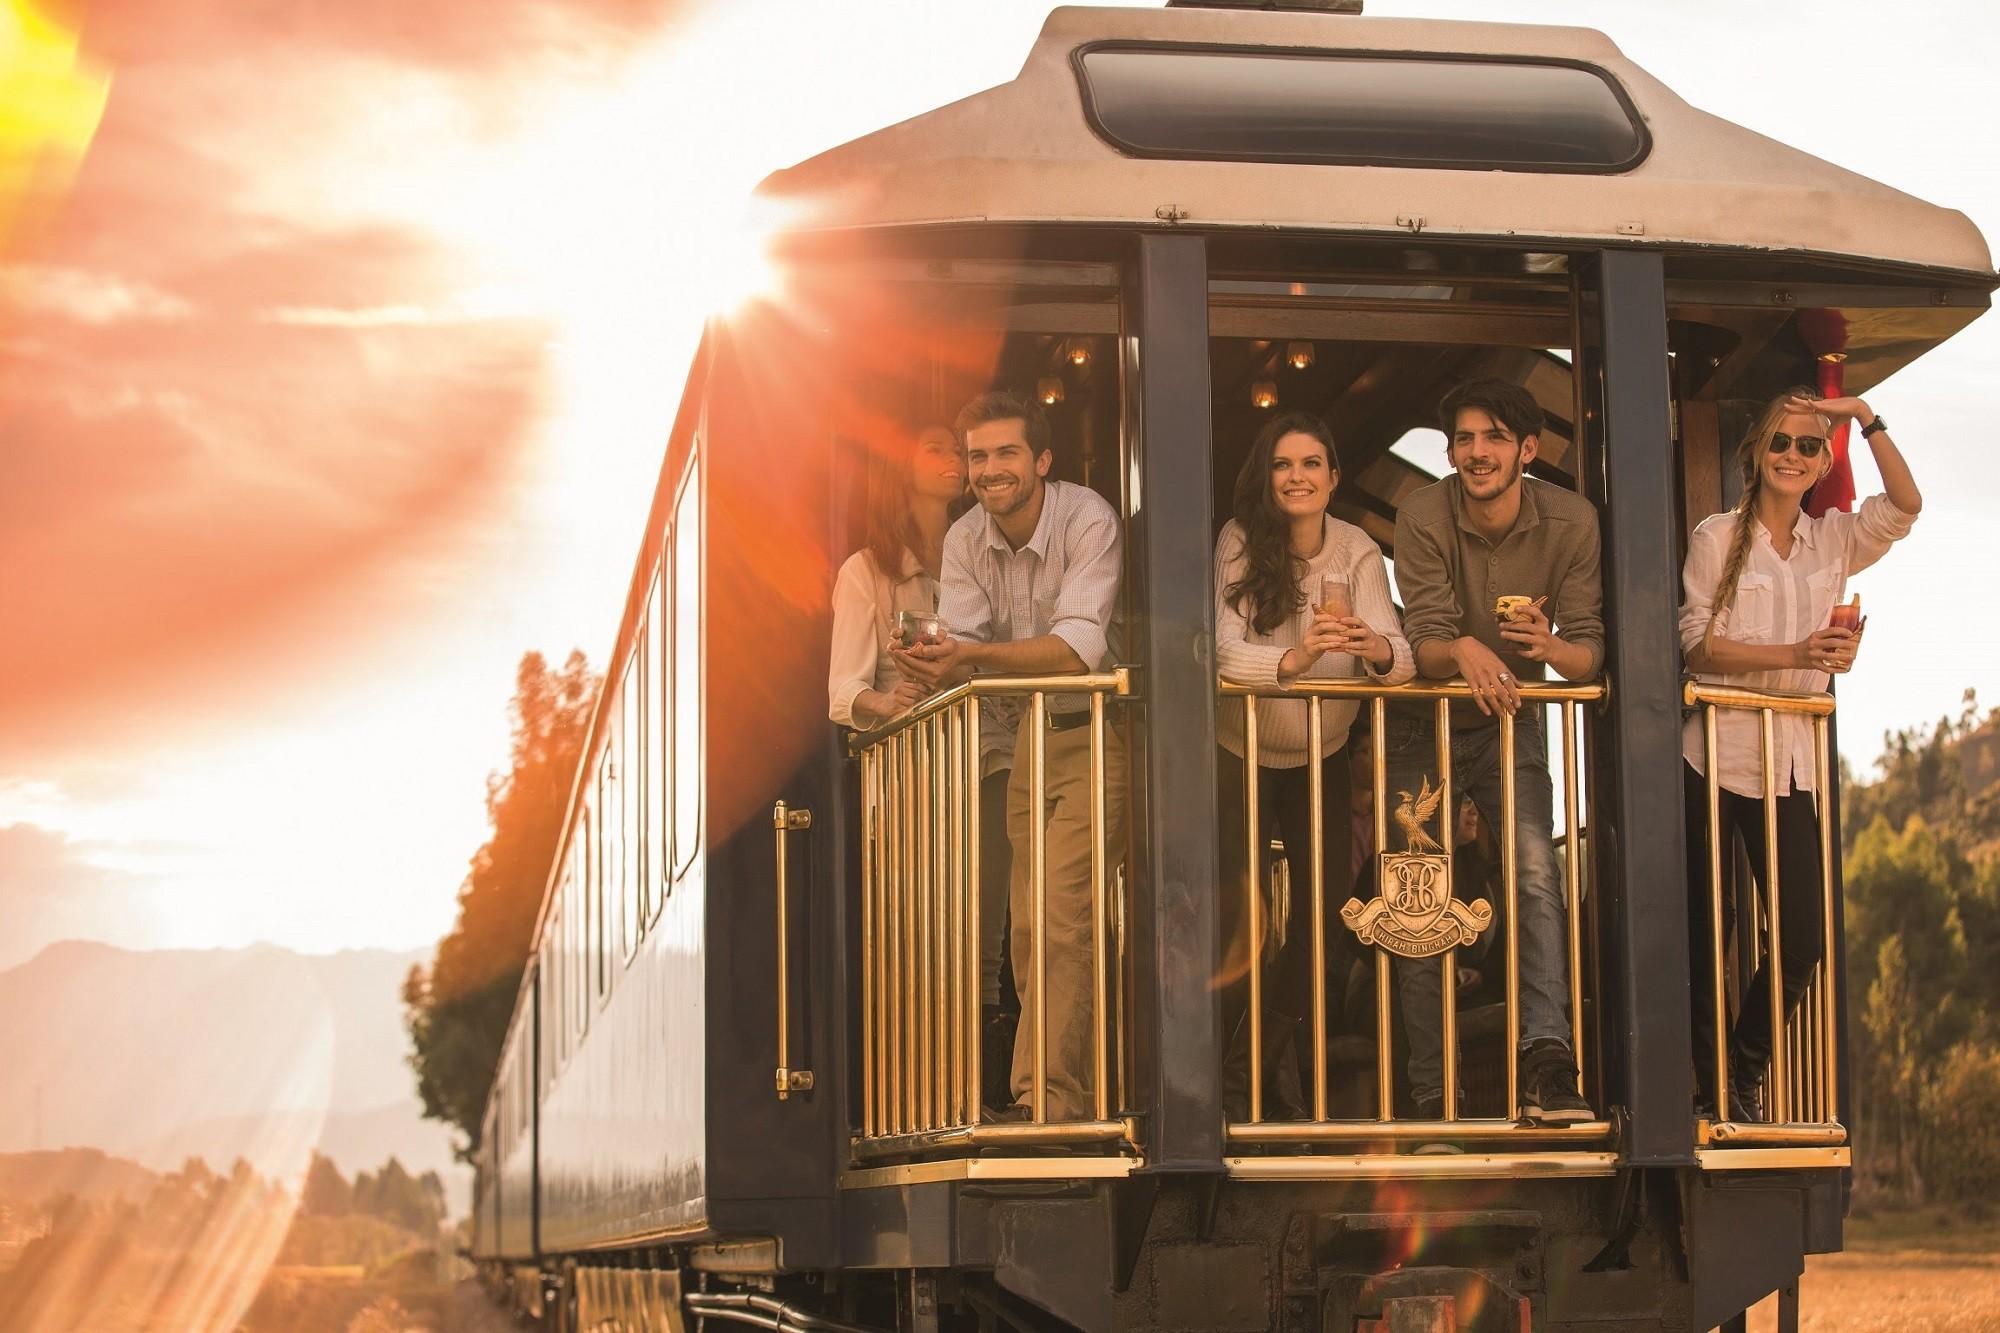 Прощением для, картинки в поездку на поезде